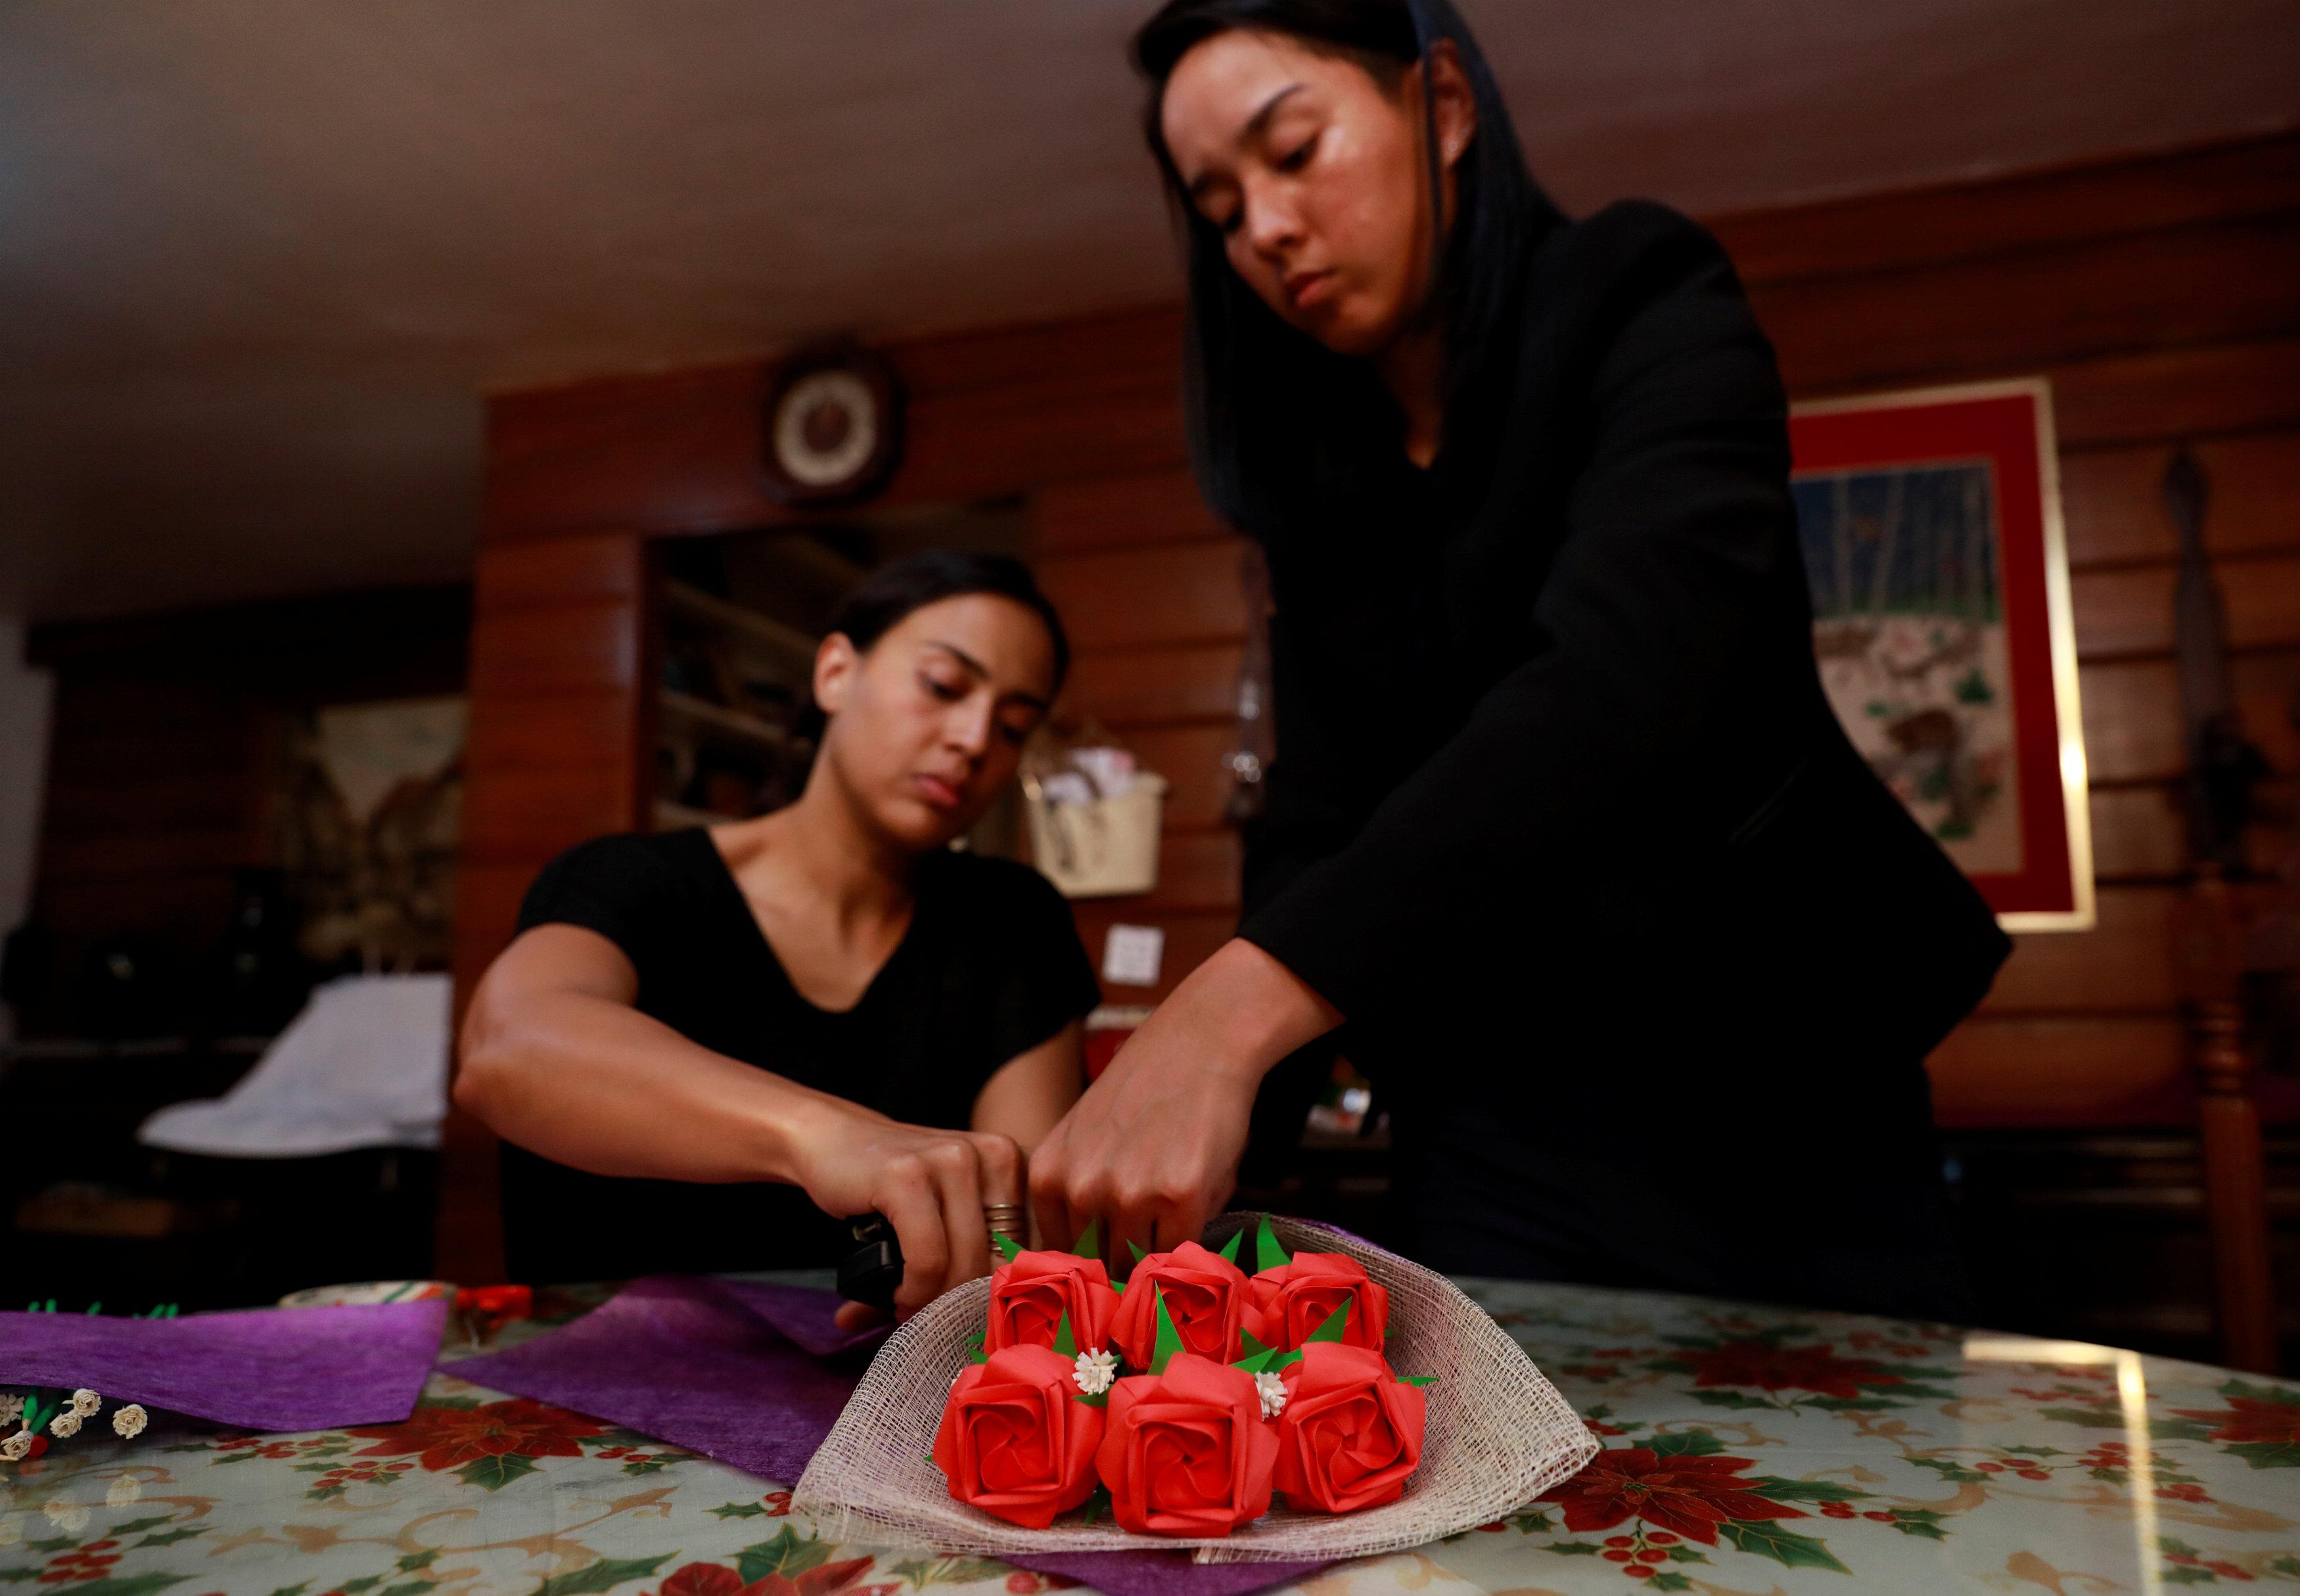 فلبينيون يعبرون عن حبهم الأبدى بباقات زهور ورقية (7)